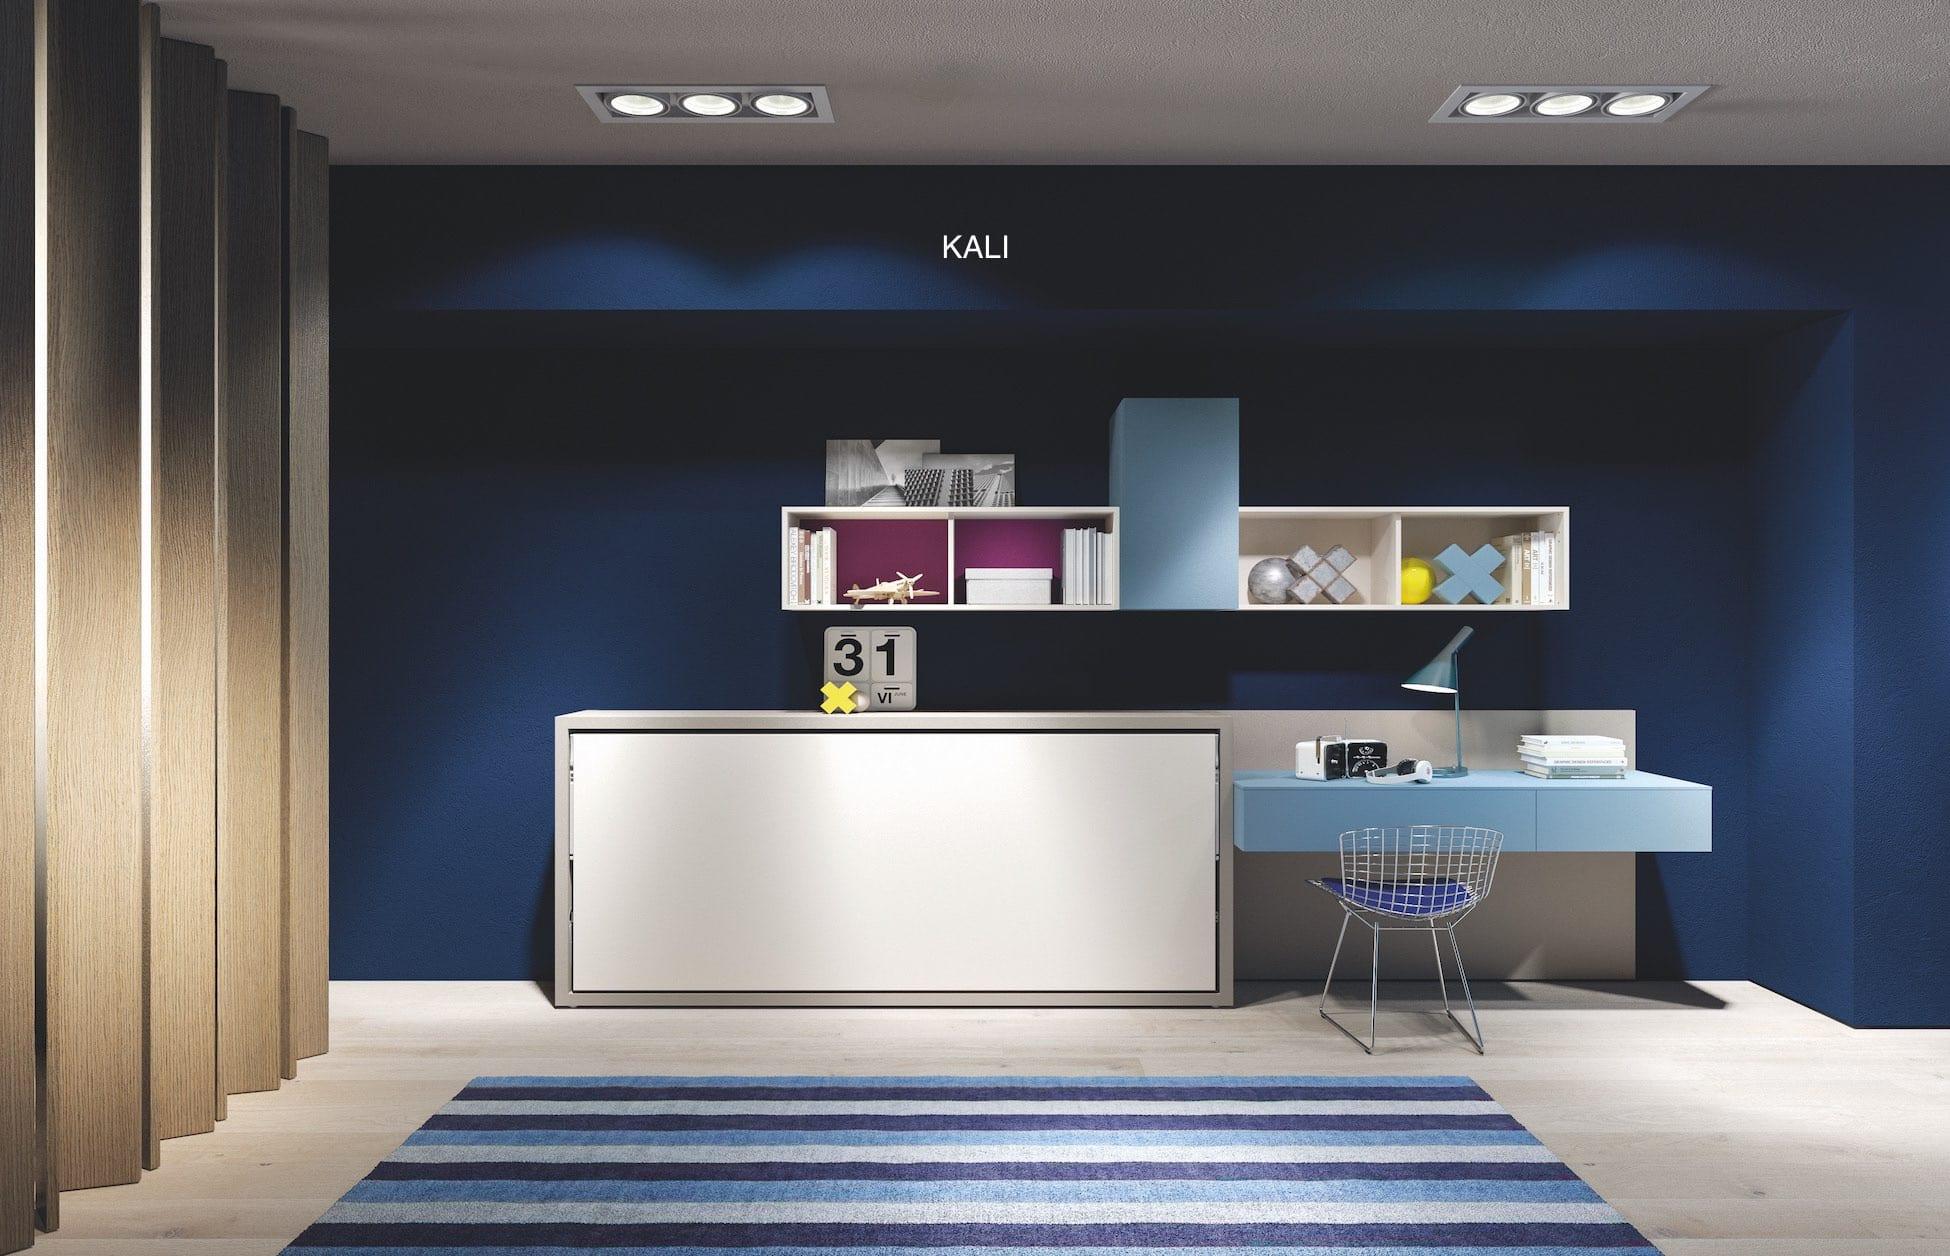 clei-lit rabattable Kali-console rétractable App-agencement chambre enfants-savoie-haute savoie